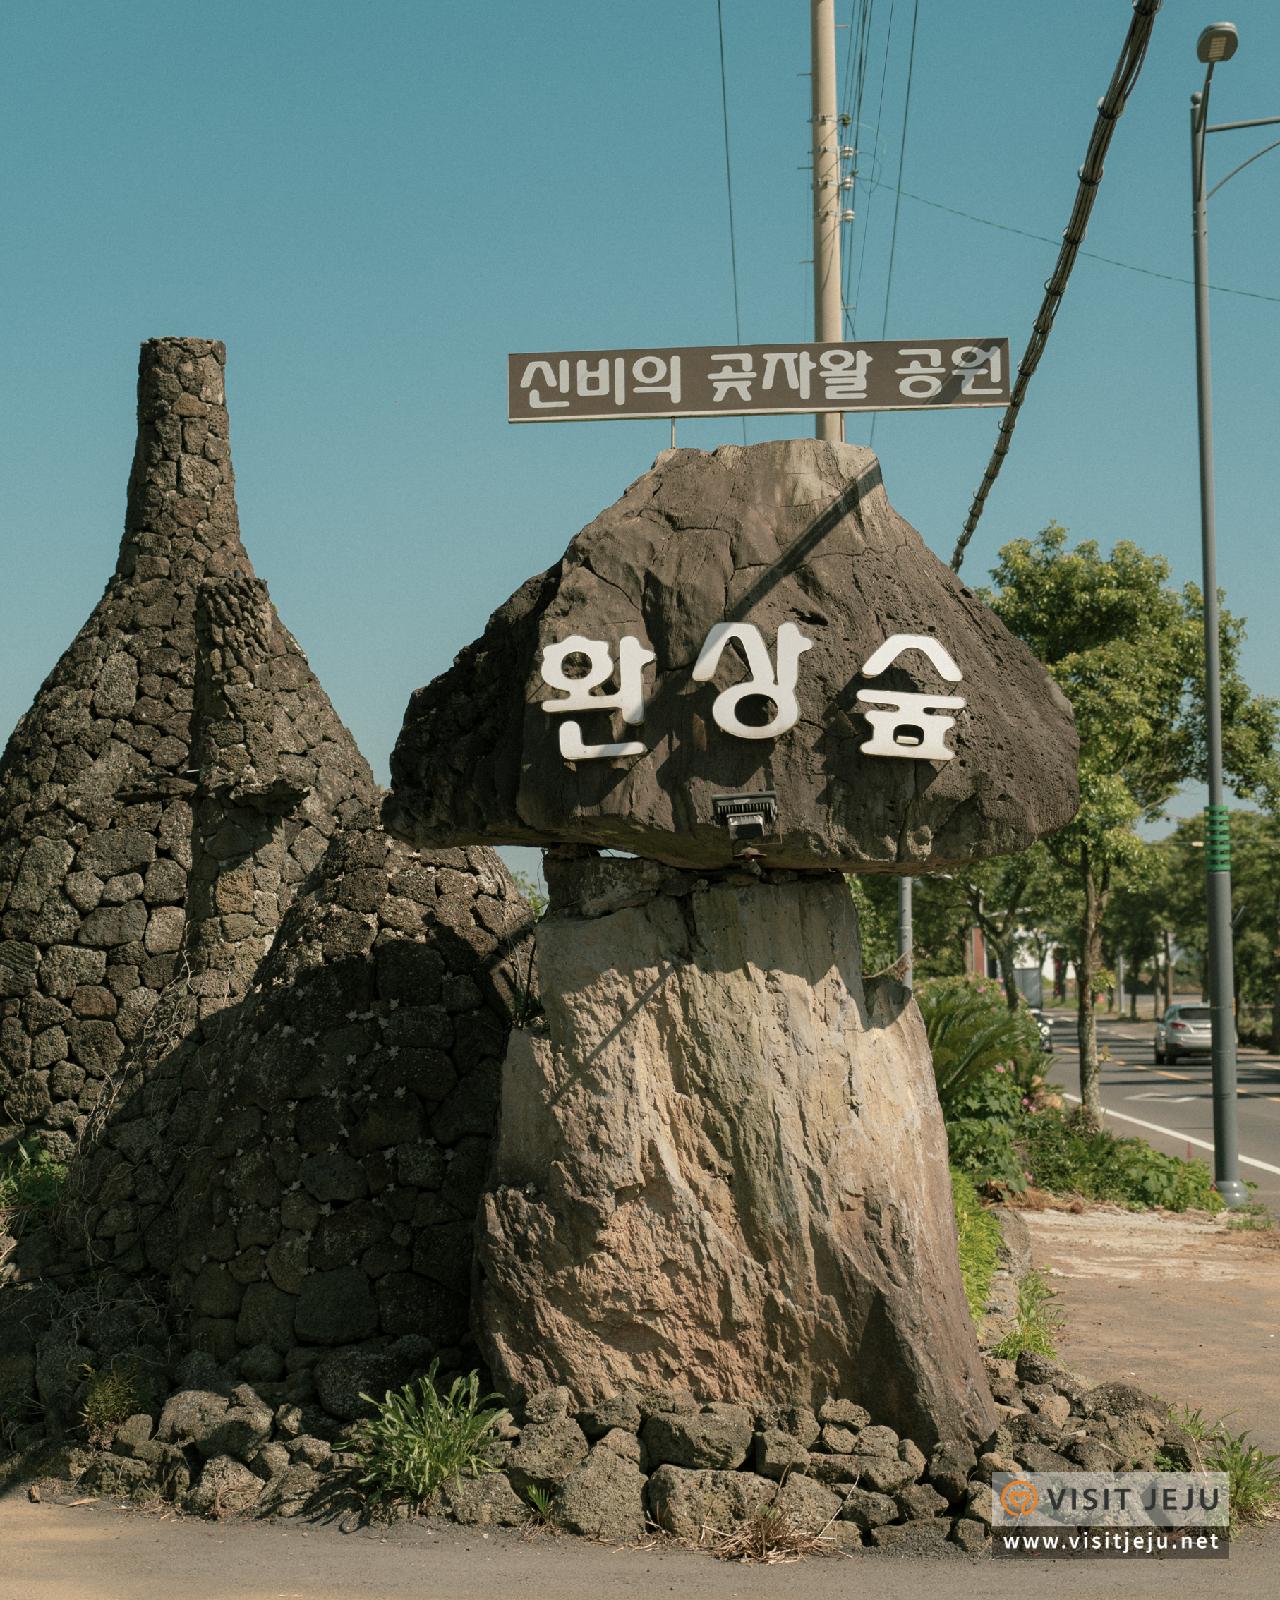 Hwansang Forest Gotjawal Park Jeju South Korea